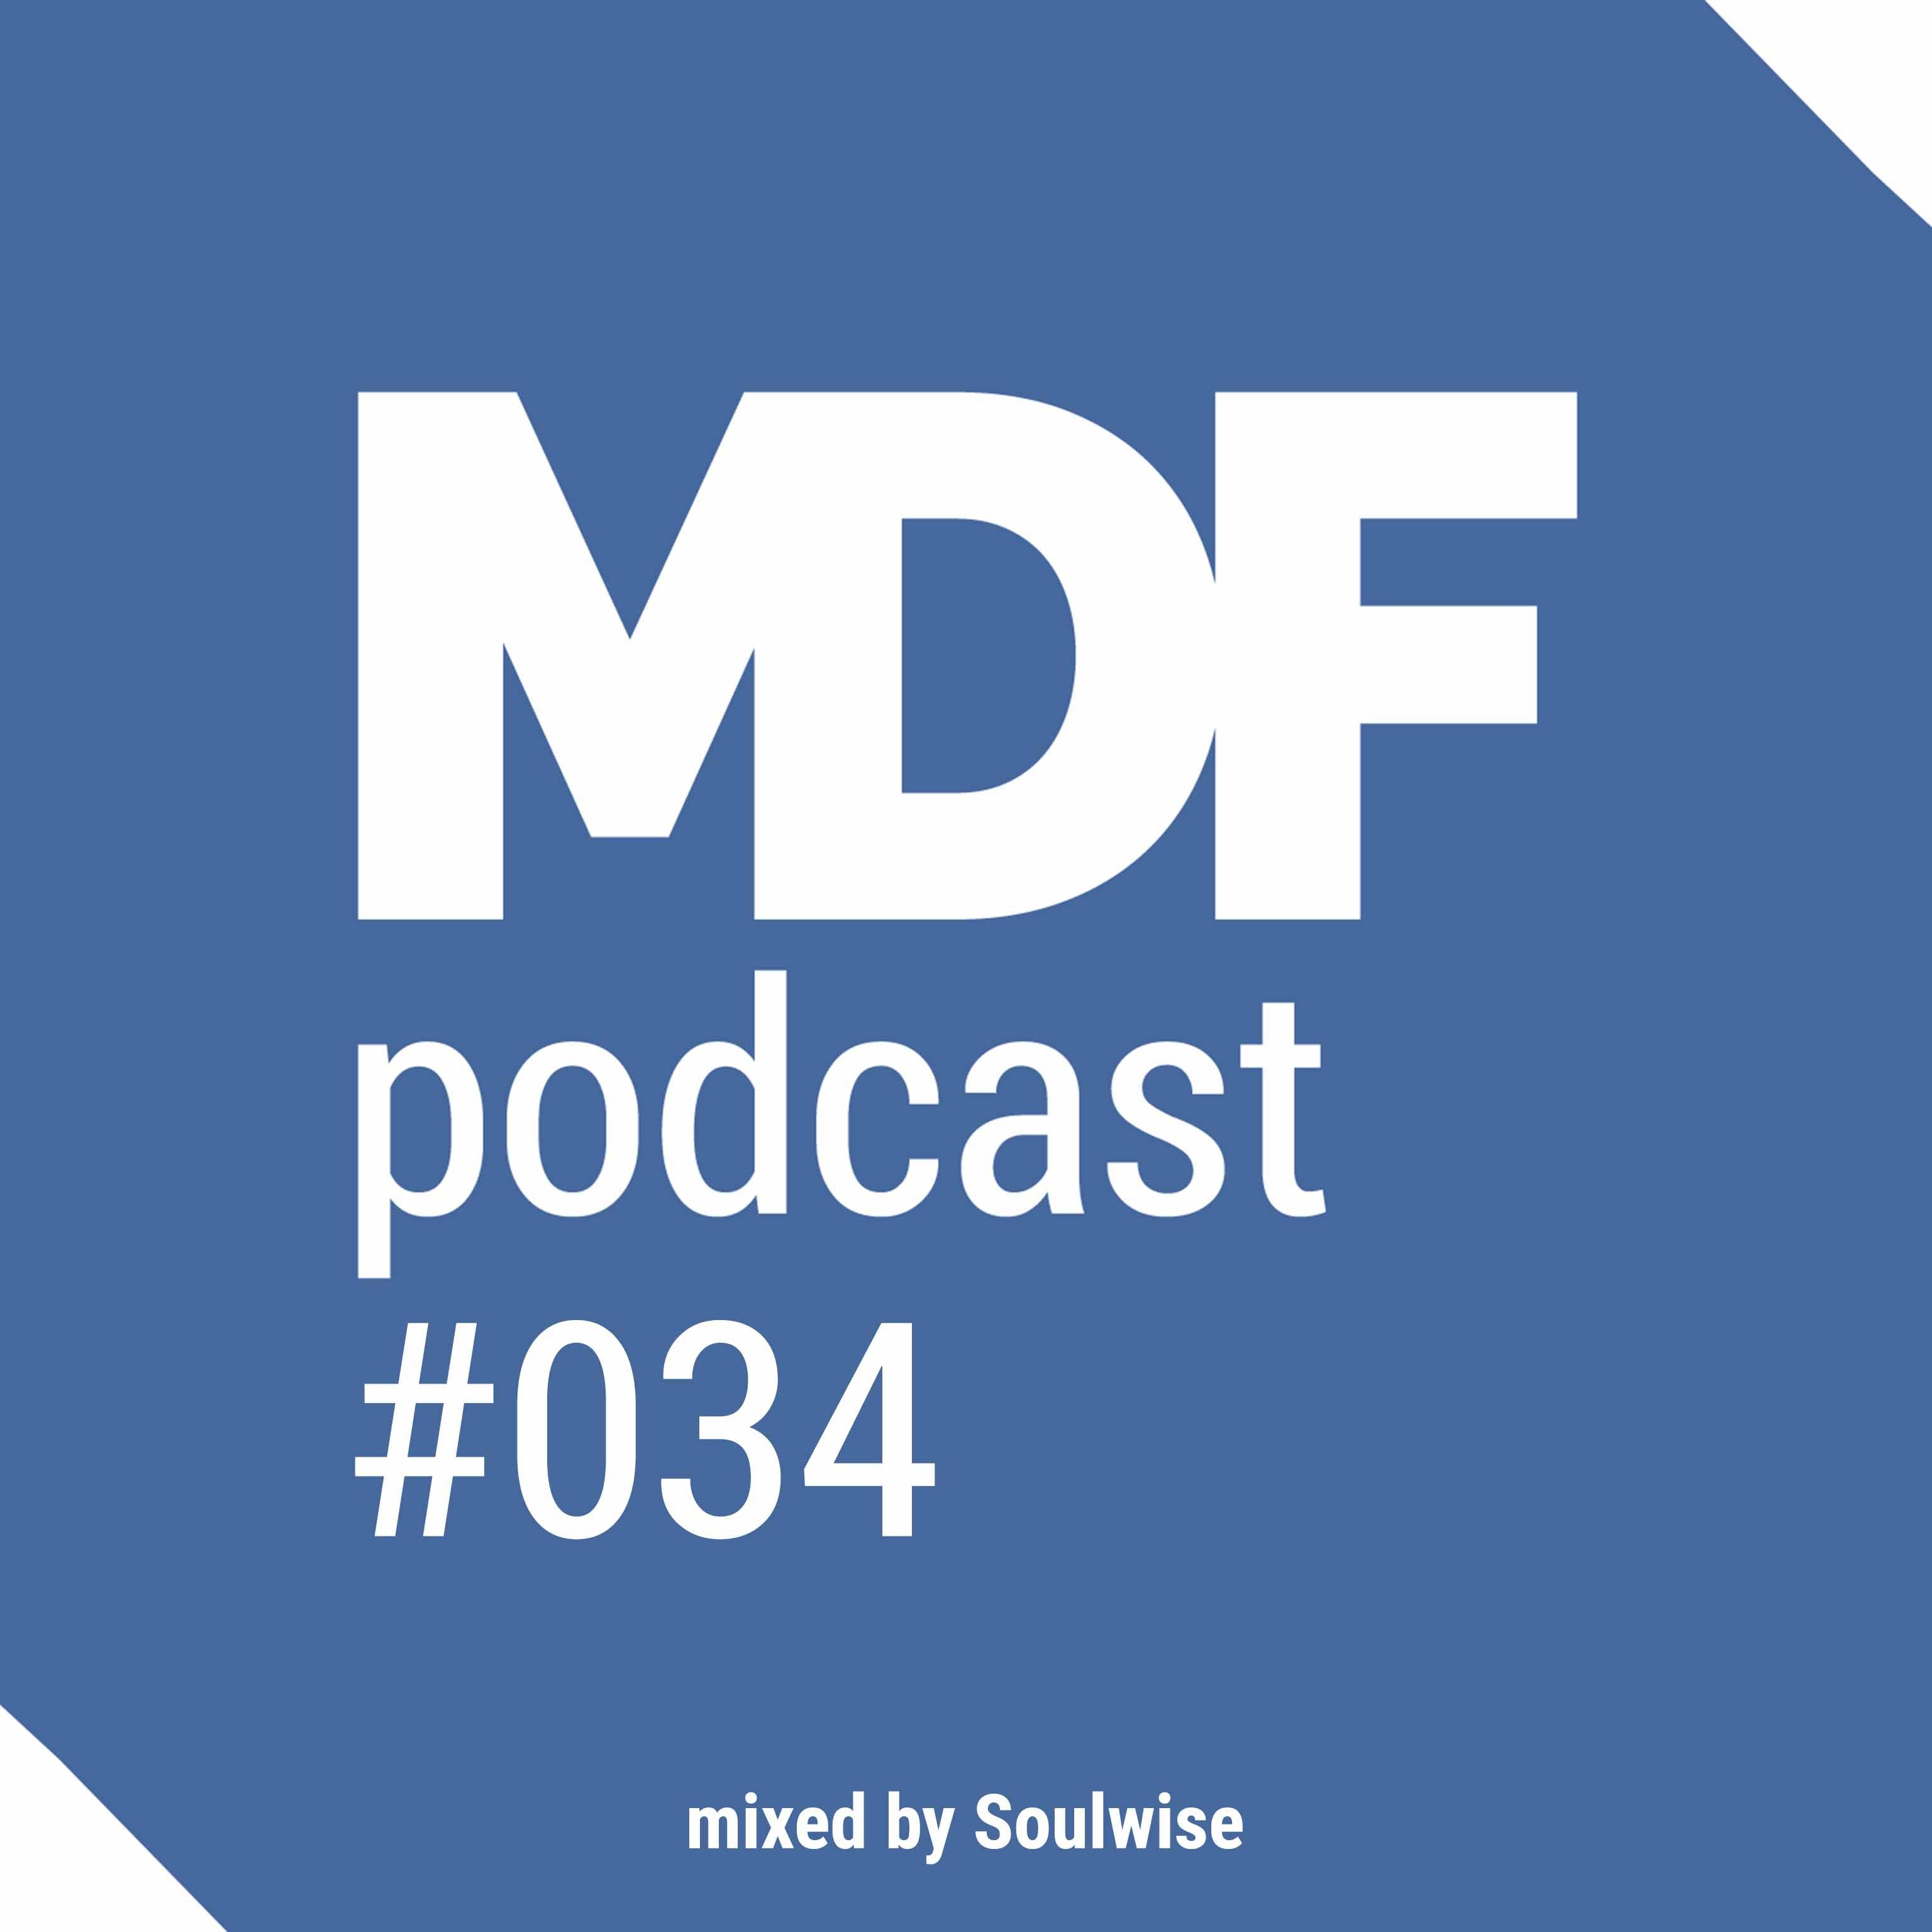 MDF Podcast o34